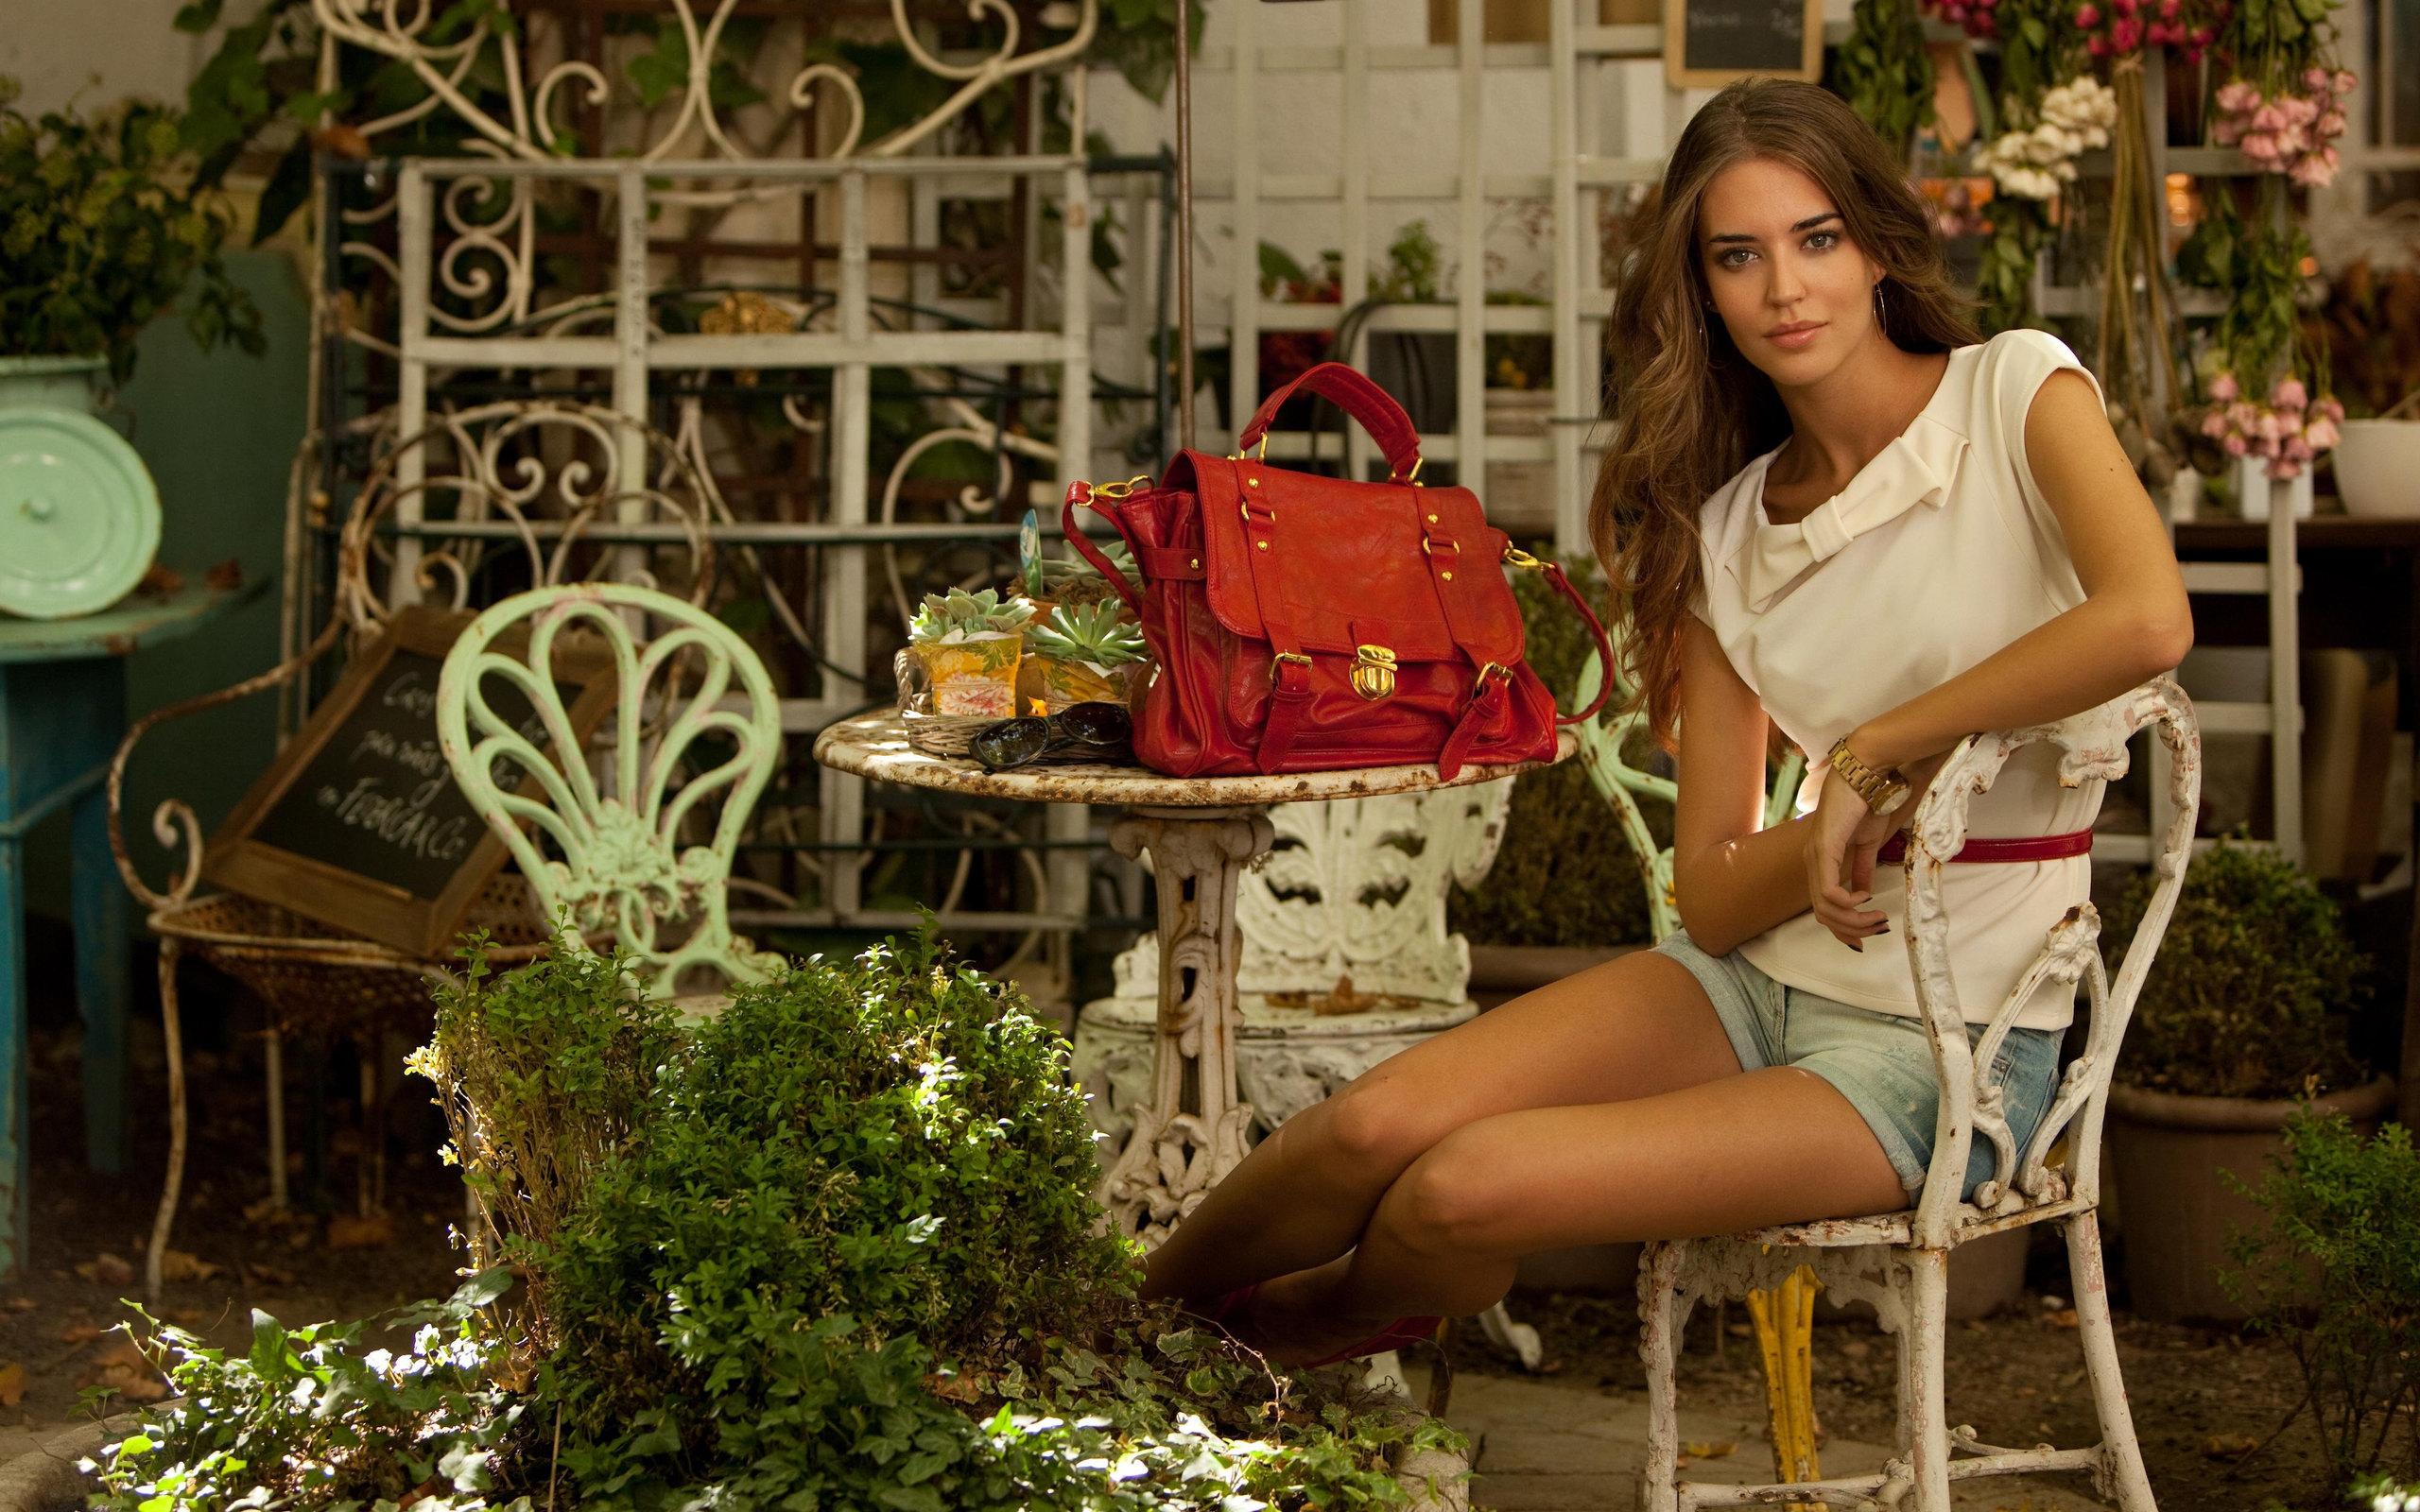 девушка на скамейке с сумкой и фотоаппаратом  № 2676818 бесплатно